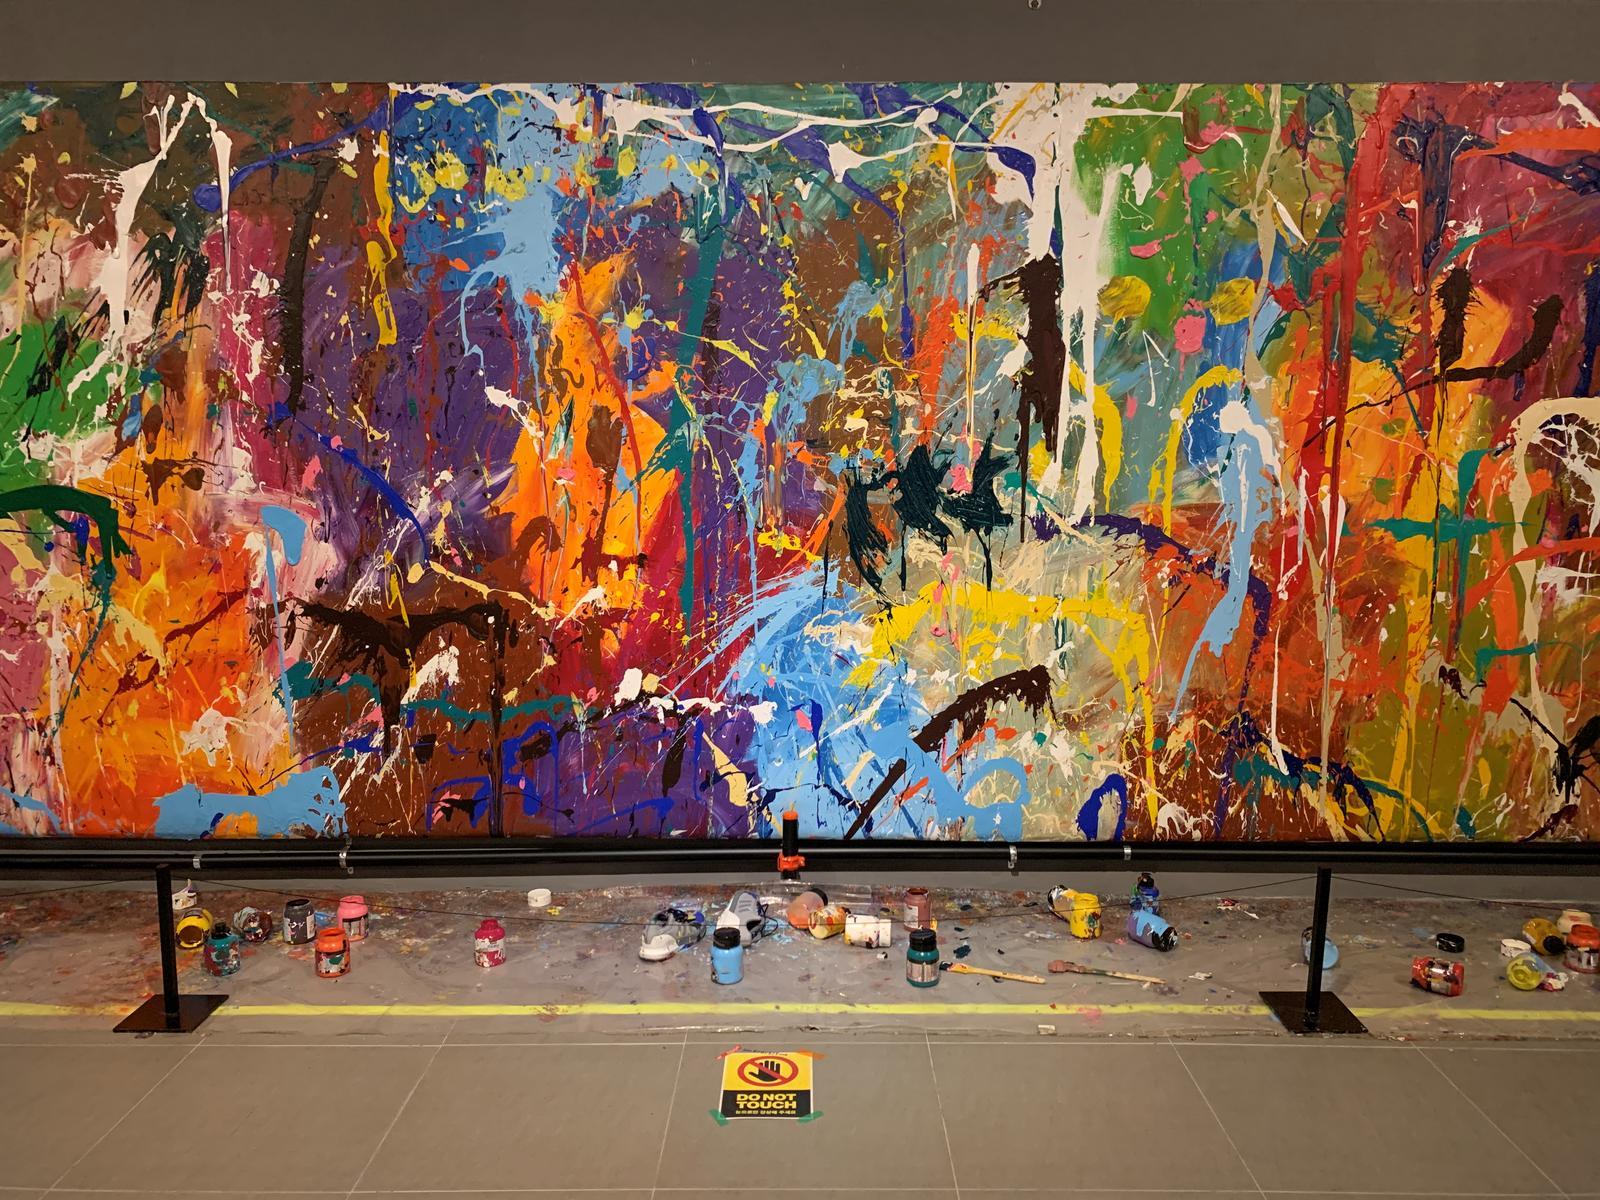 Corea, due giovani vandalizzano un dipinto da 500mila dollari... a loro insaputa